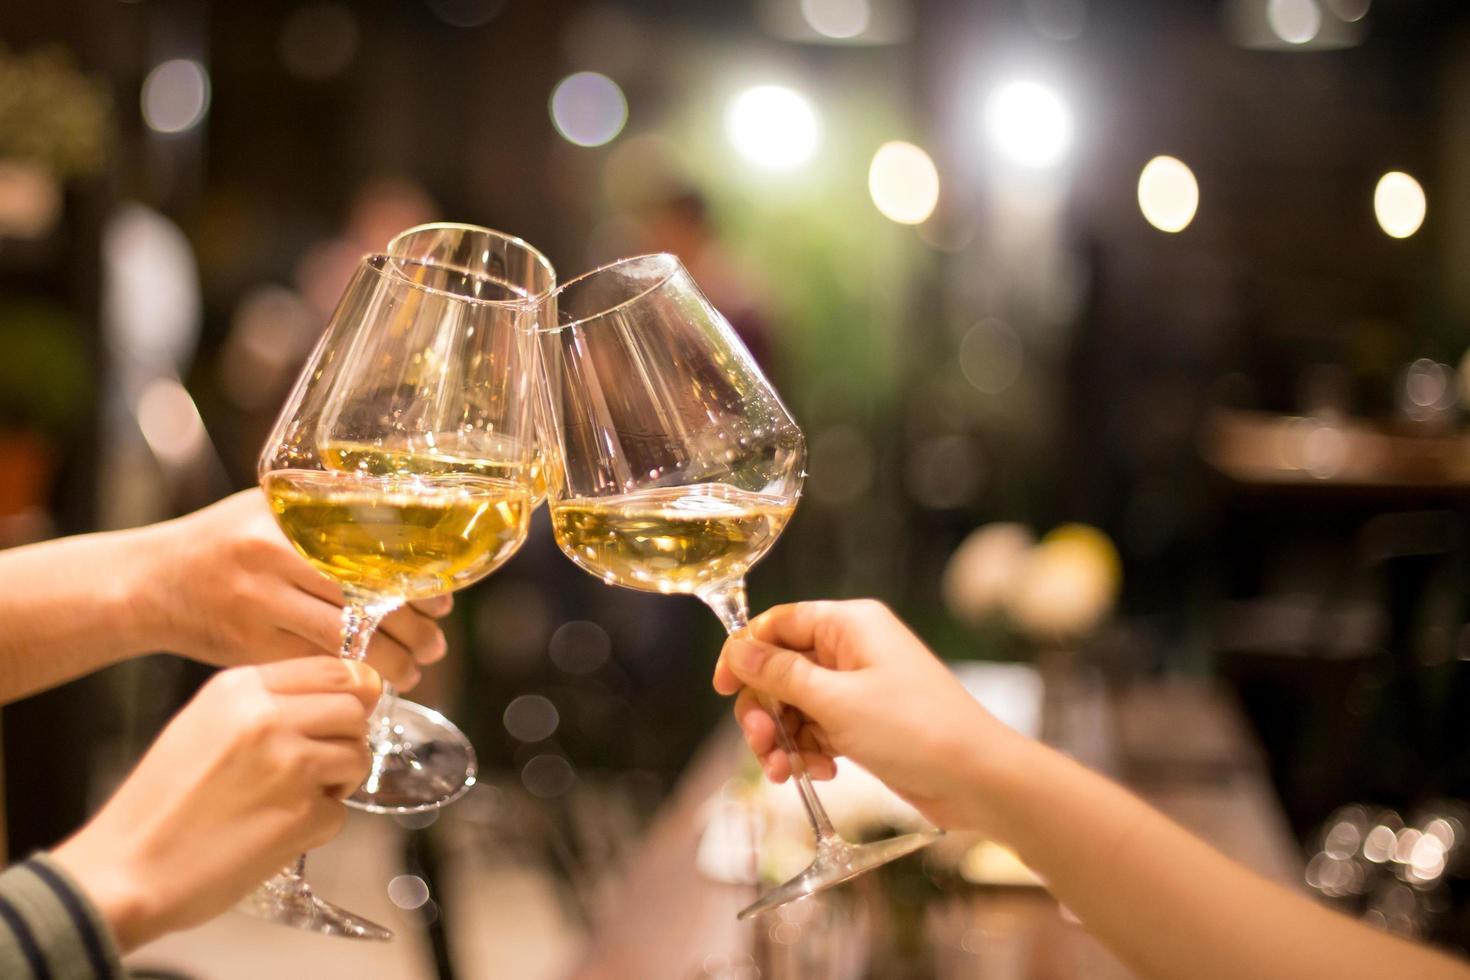 Freunde rösten mit Gläsern Wein foto